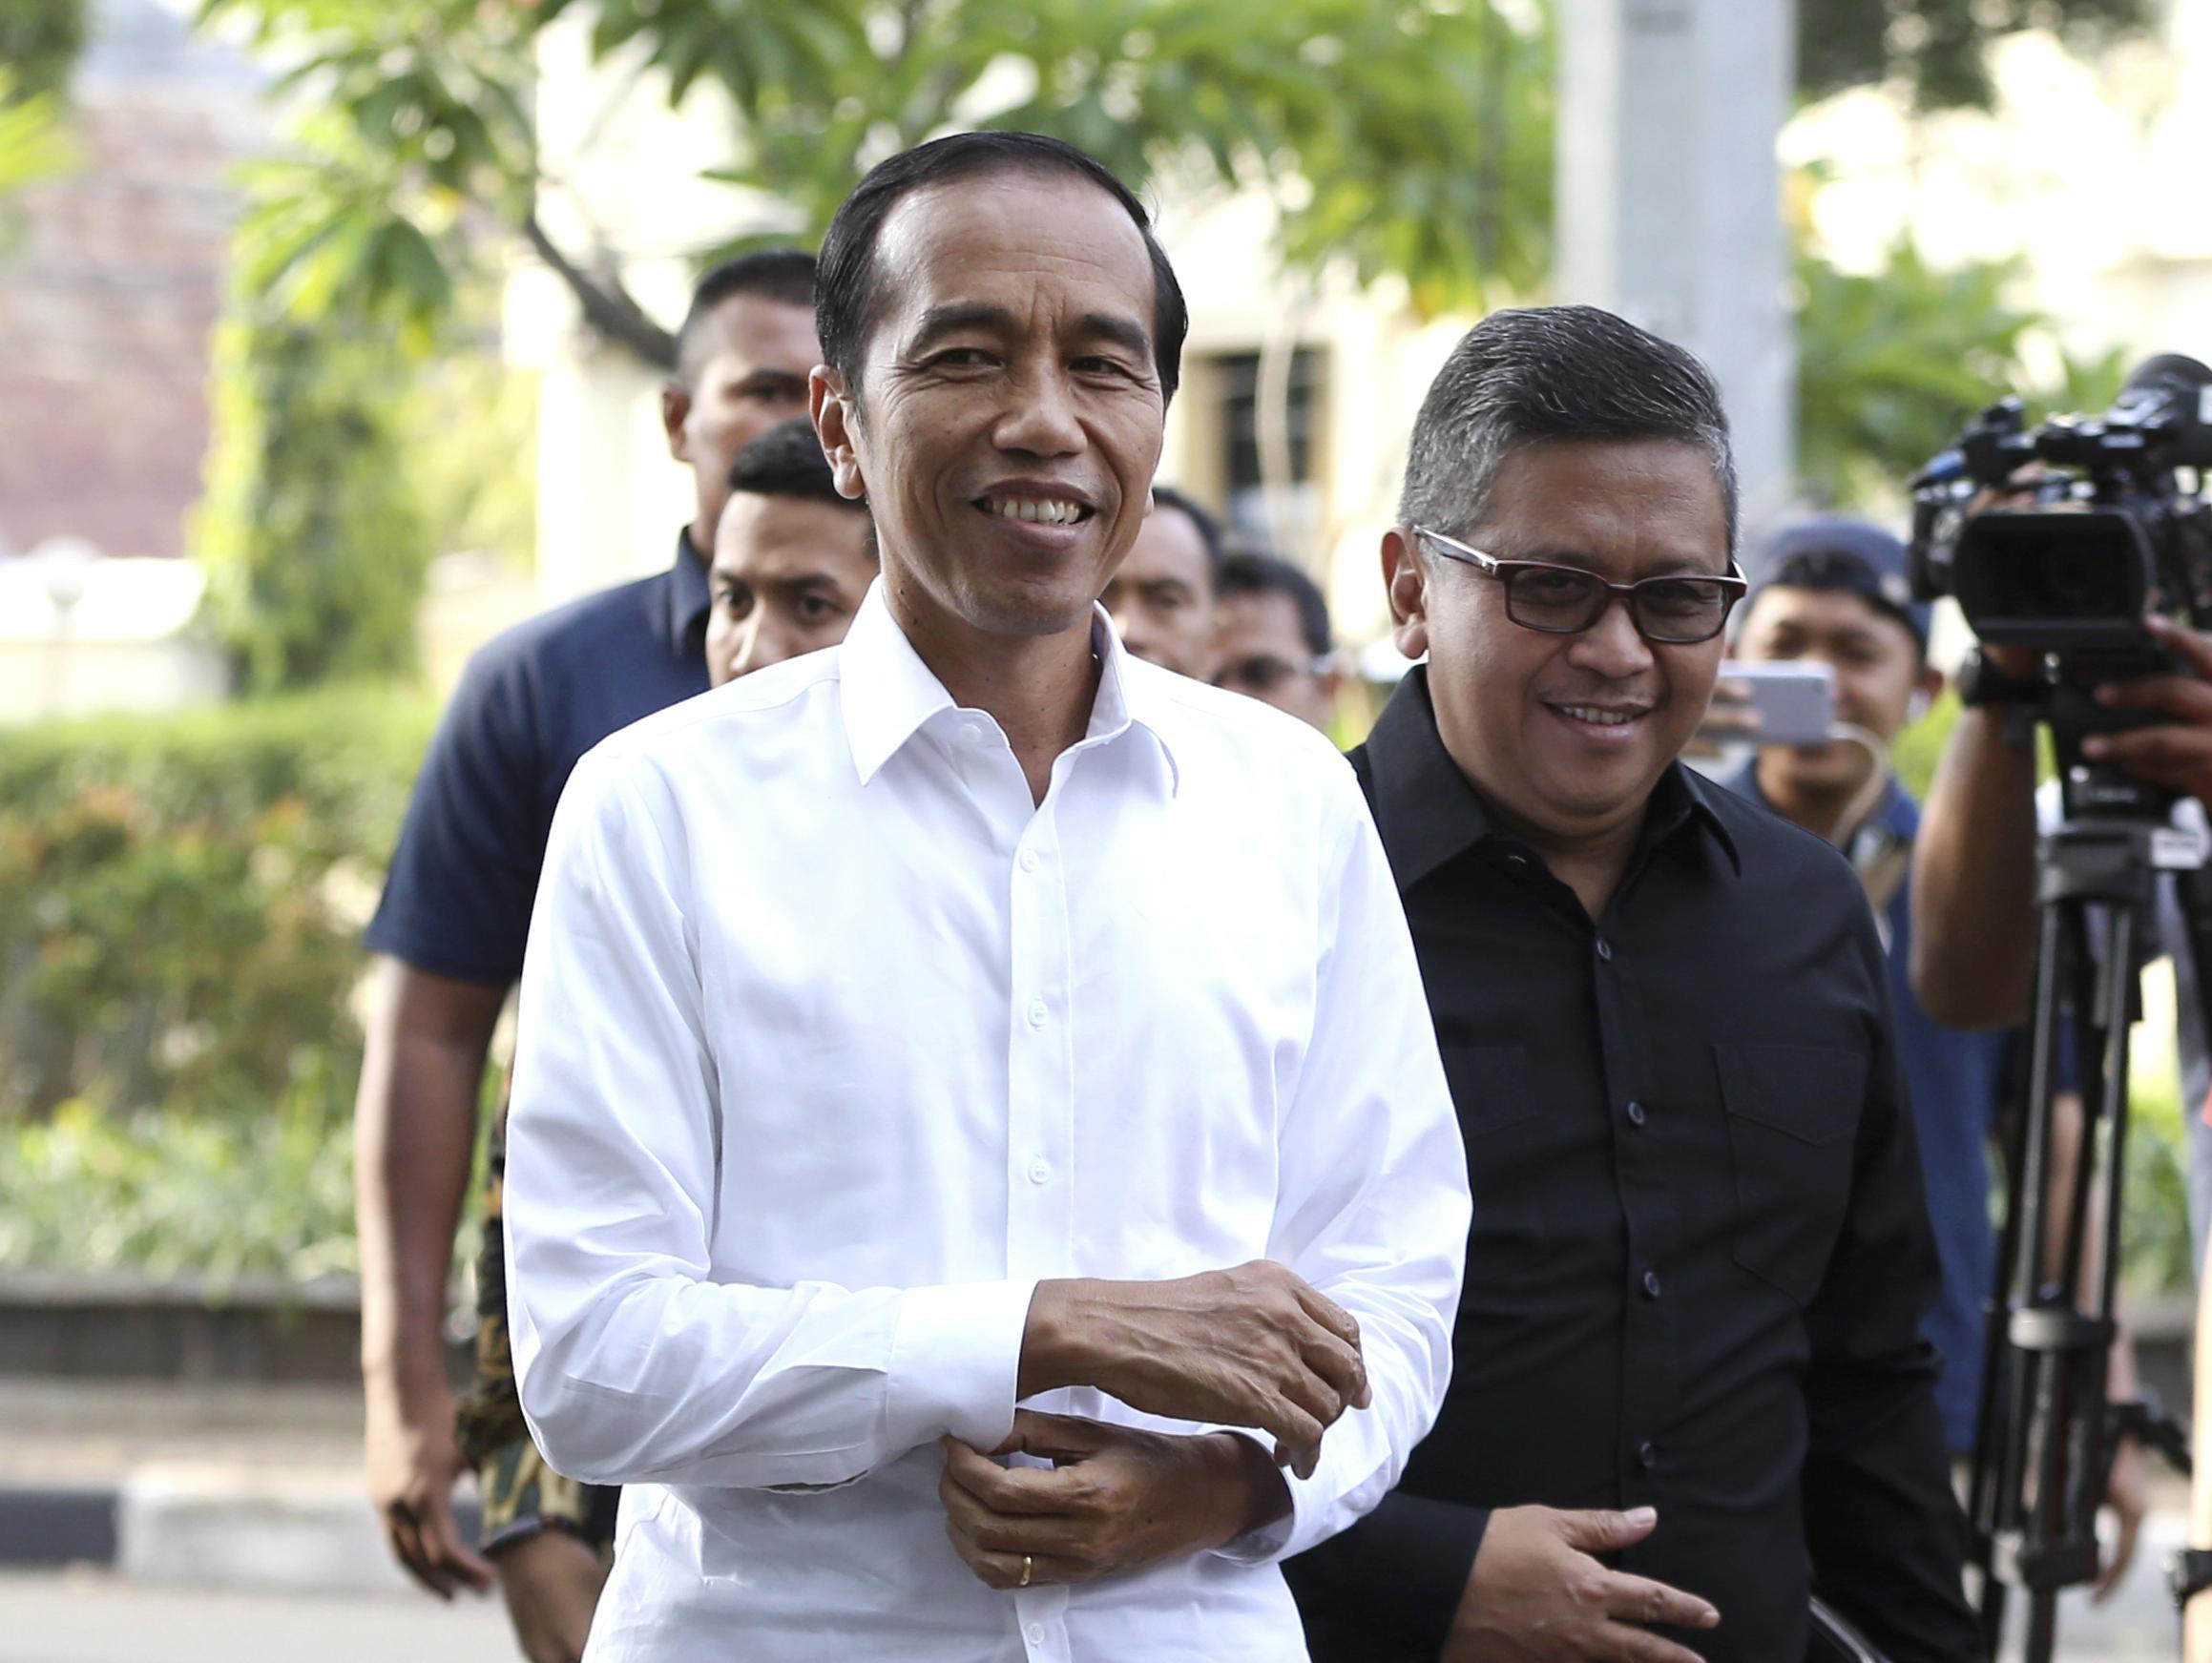 נשיא אינדונזיה הכריז ניצחון בבחירות, אך יריבו טוען לזיופים